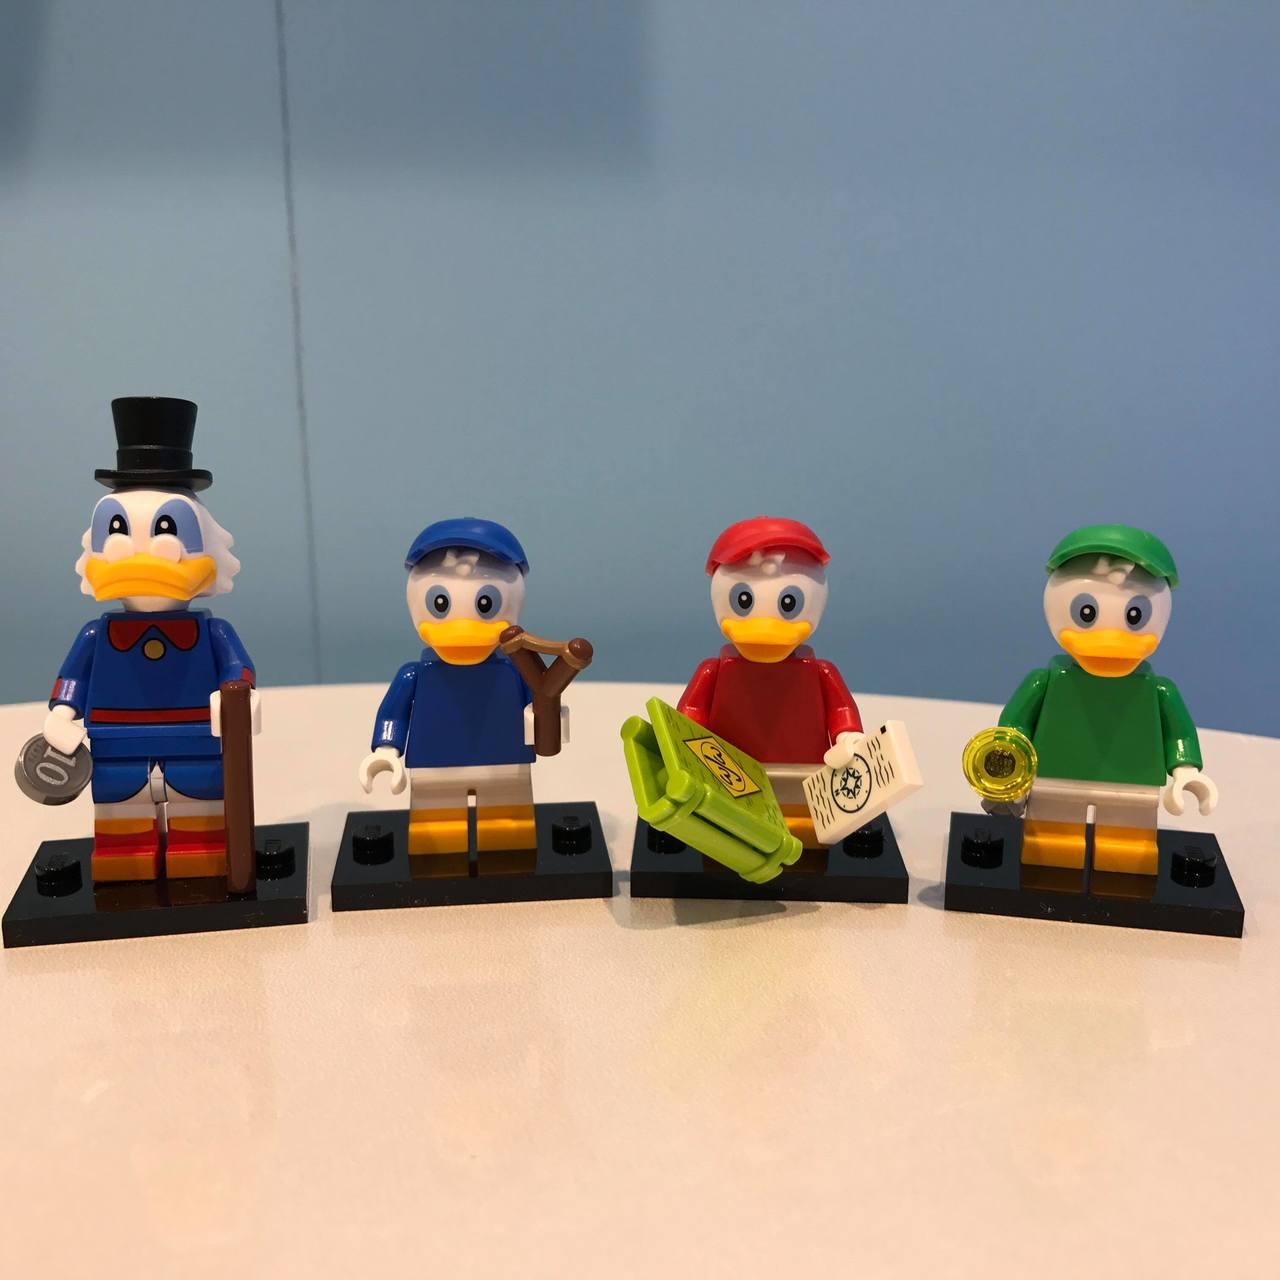 7-11 Taiwan X LEGO Disney Minifigures Series 2 Prepare to